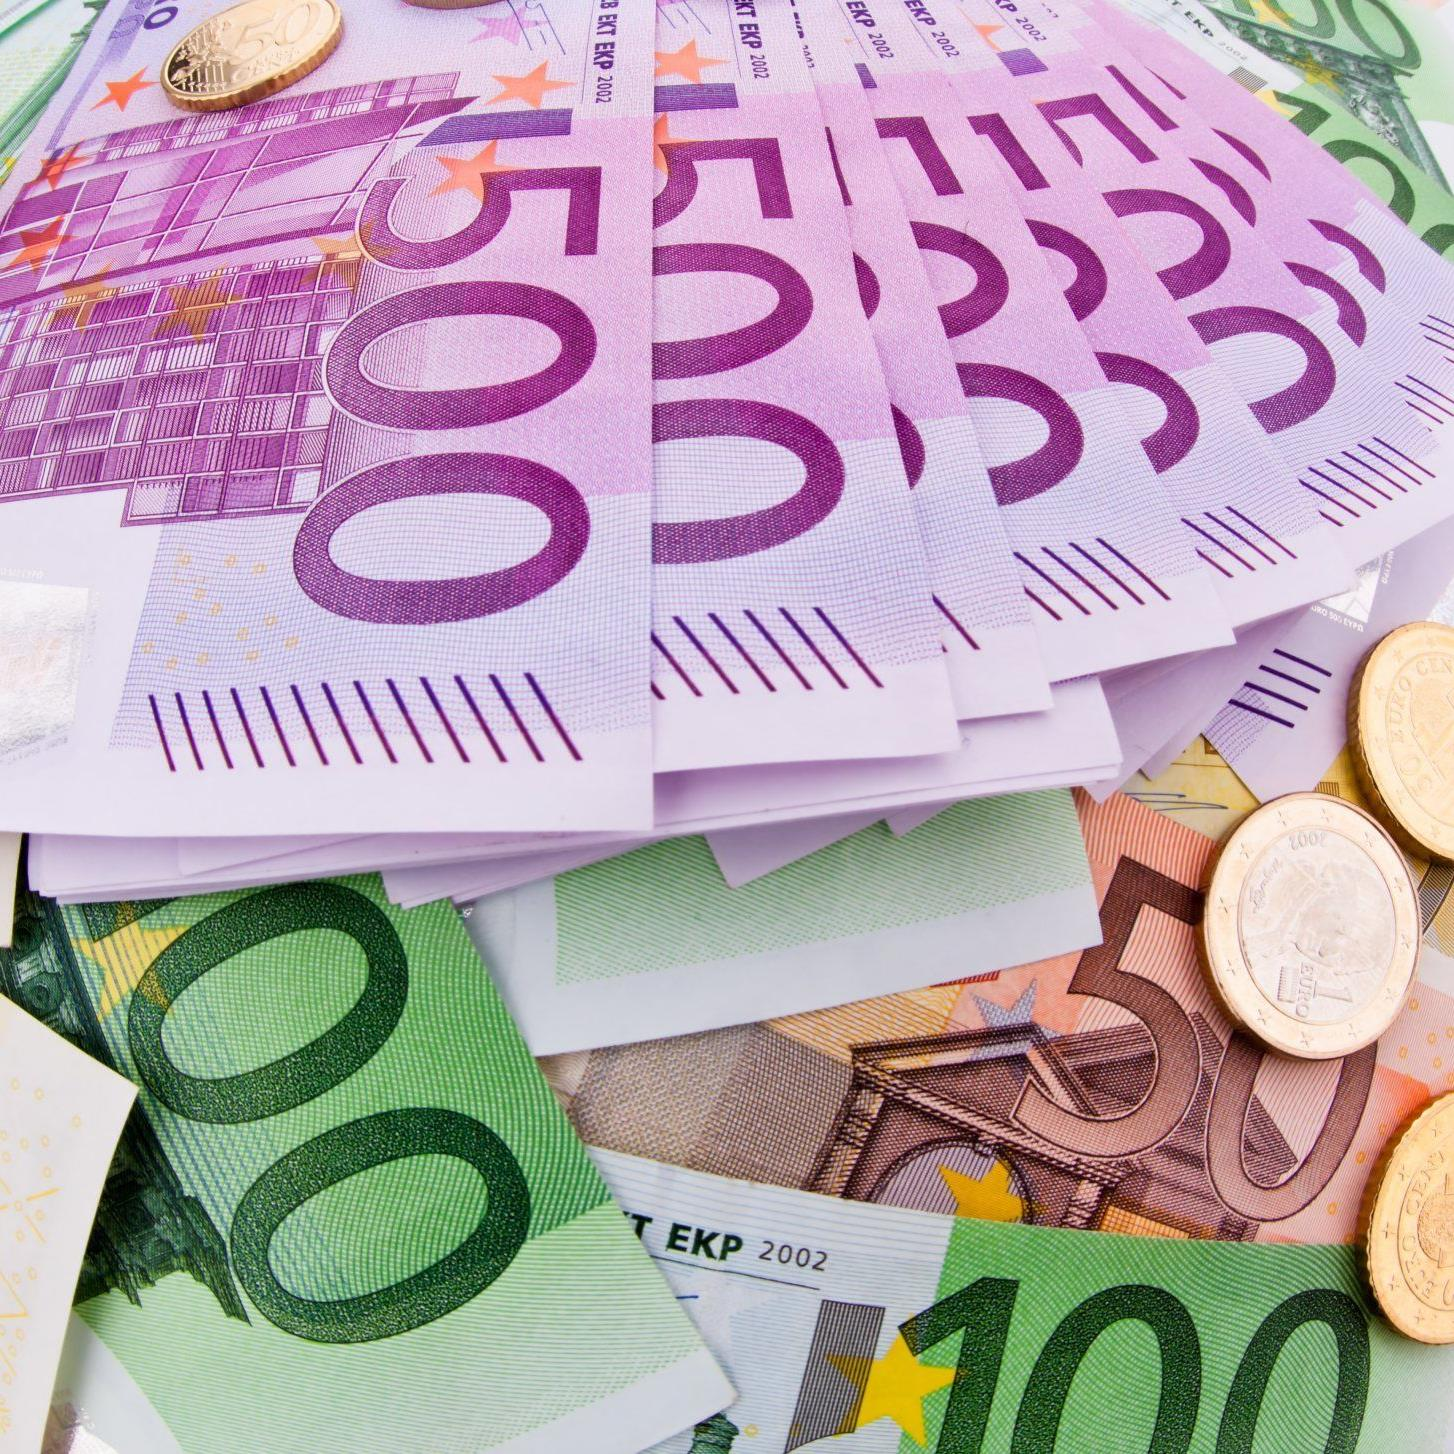 Ihr Bargeld ist den Österreichern trotz vieler Alternativen nach wie vor heilig.